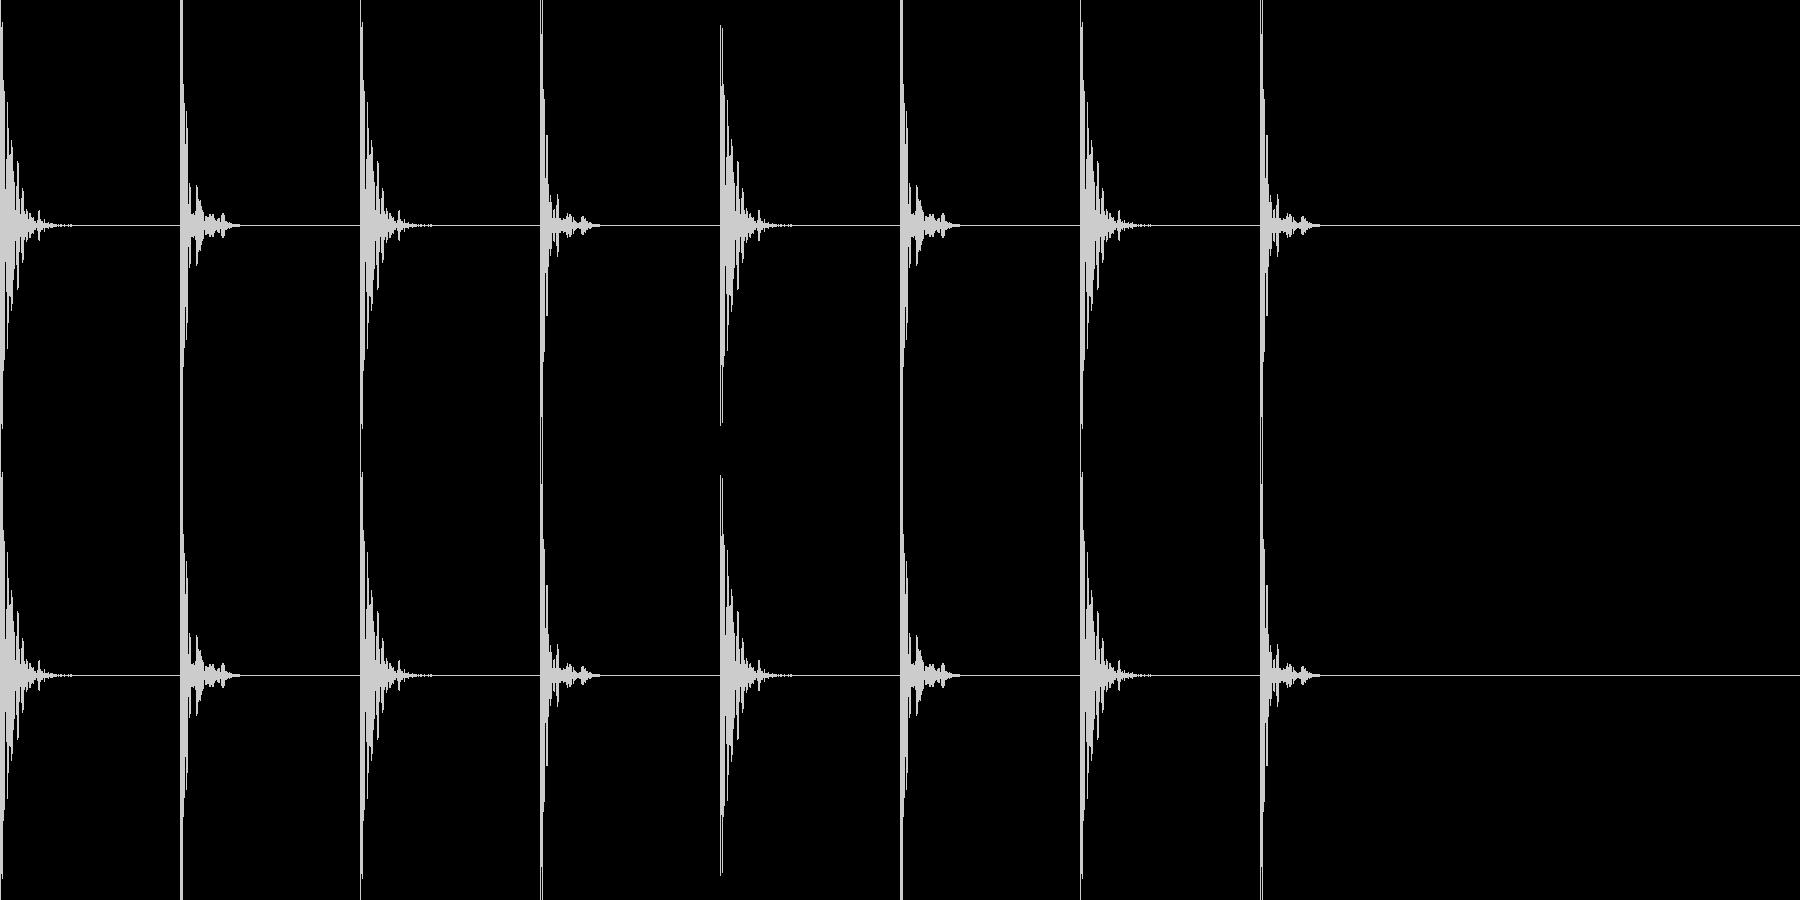 足音 ドスドスの未再生の波形